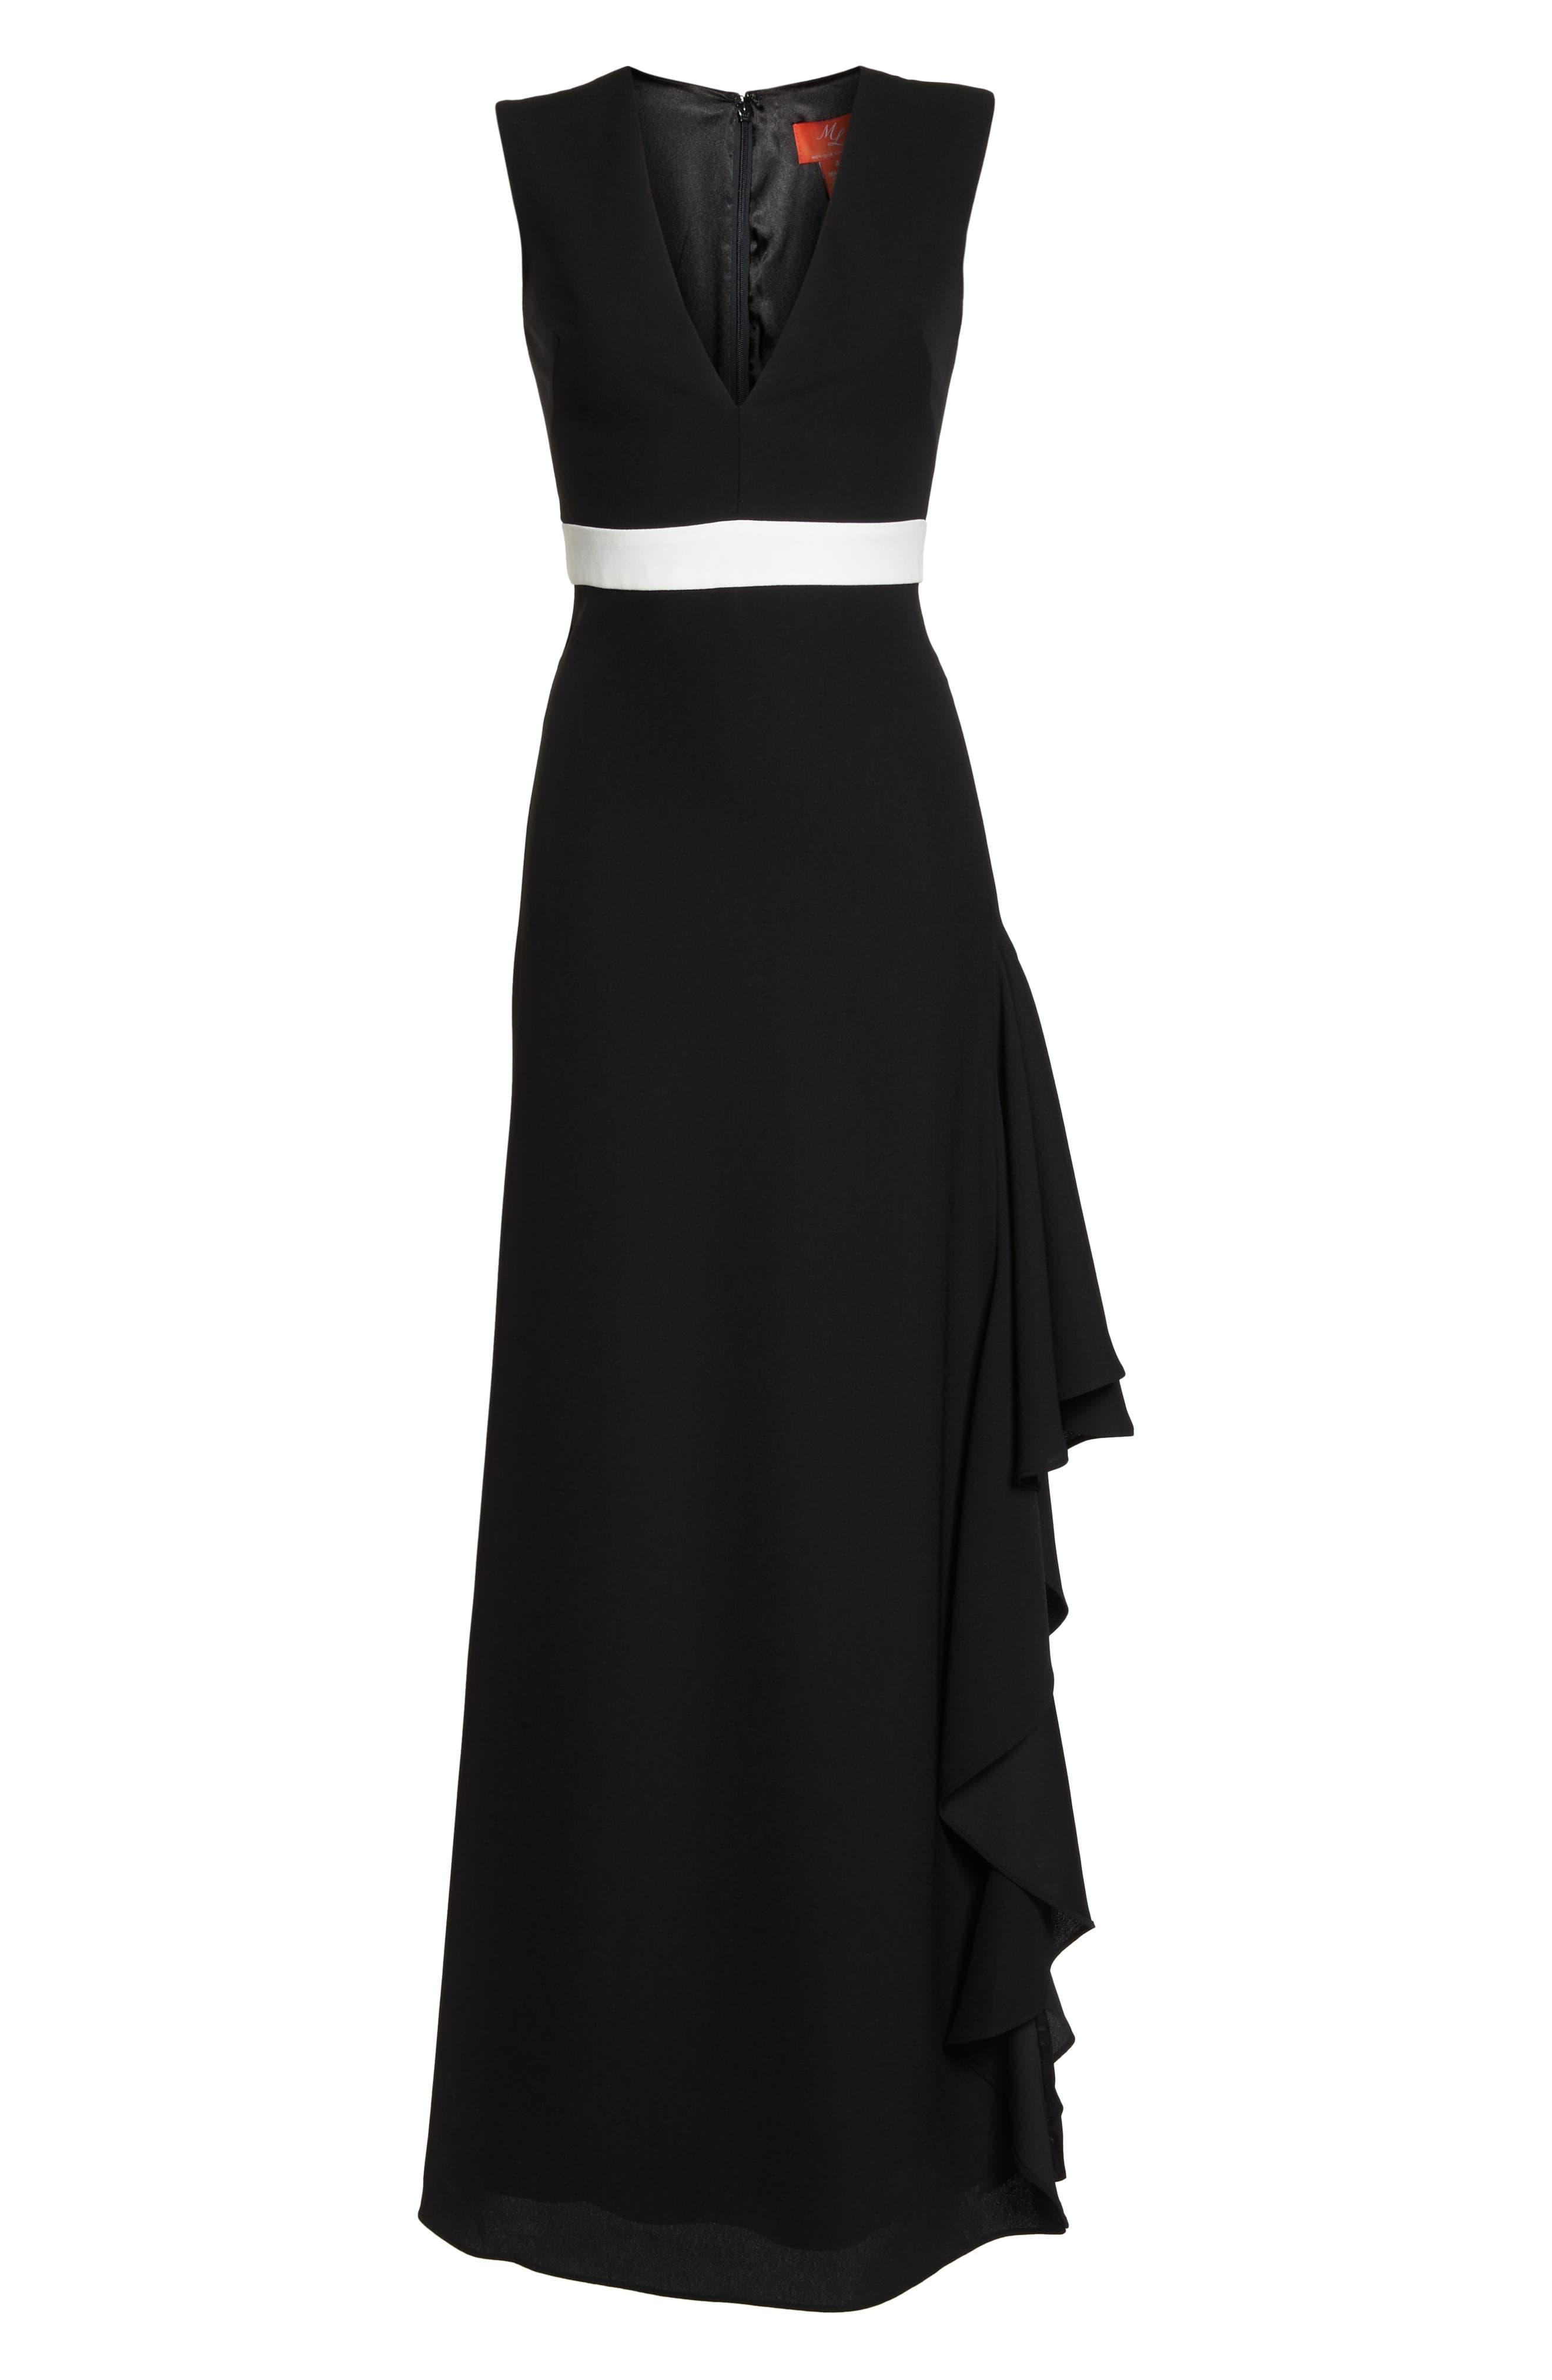 ML Monique Lhullier Sleeveless Crepe Gown,                             Alternate thumbnail 6, color,                             Black/ White